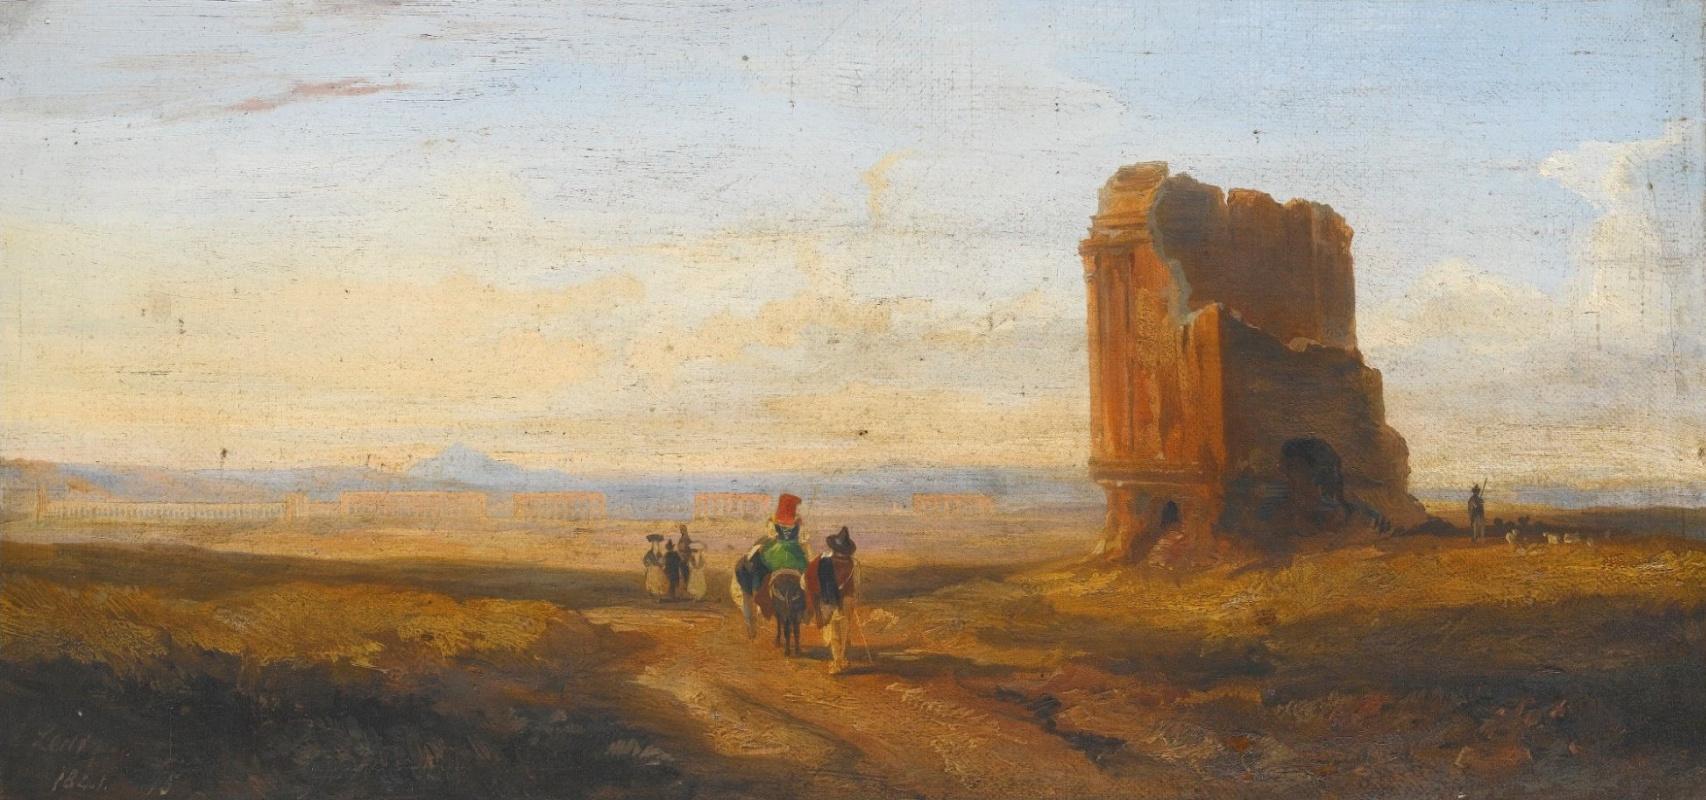 Эдвард Лир. Roman Campania and travelers at the ruined tomb